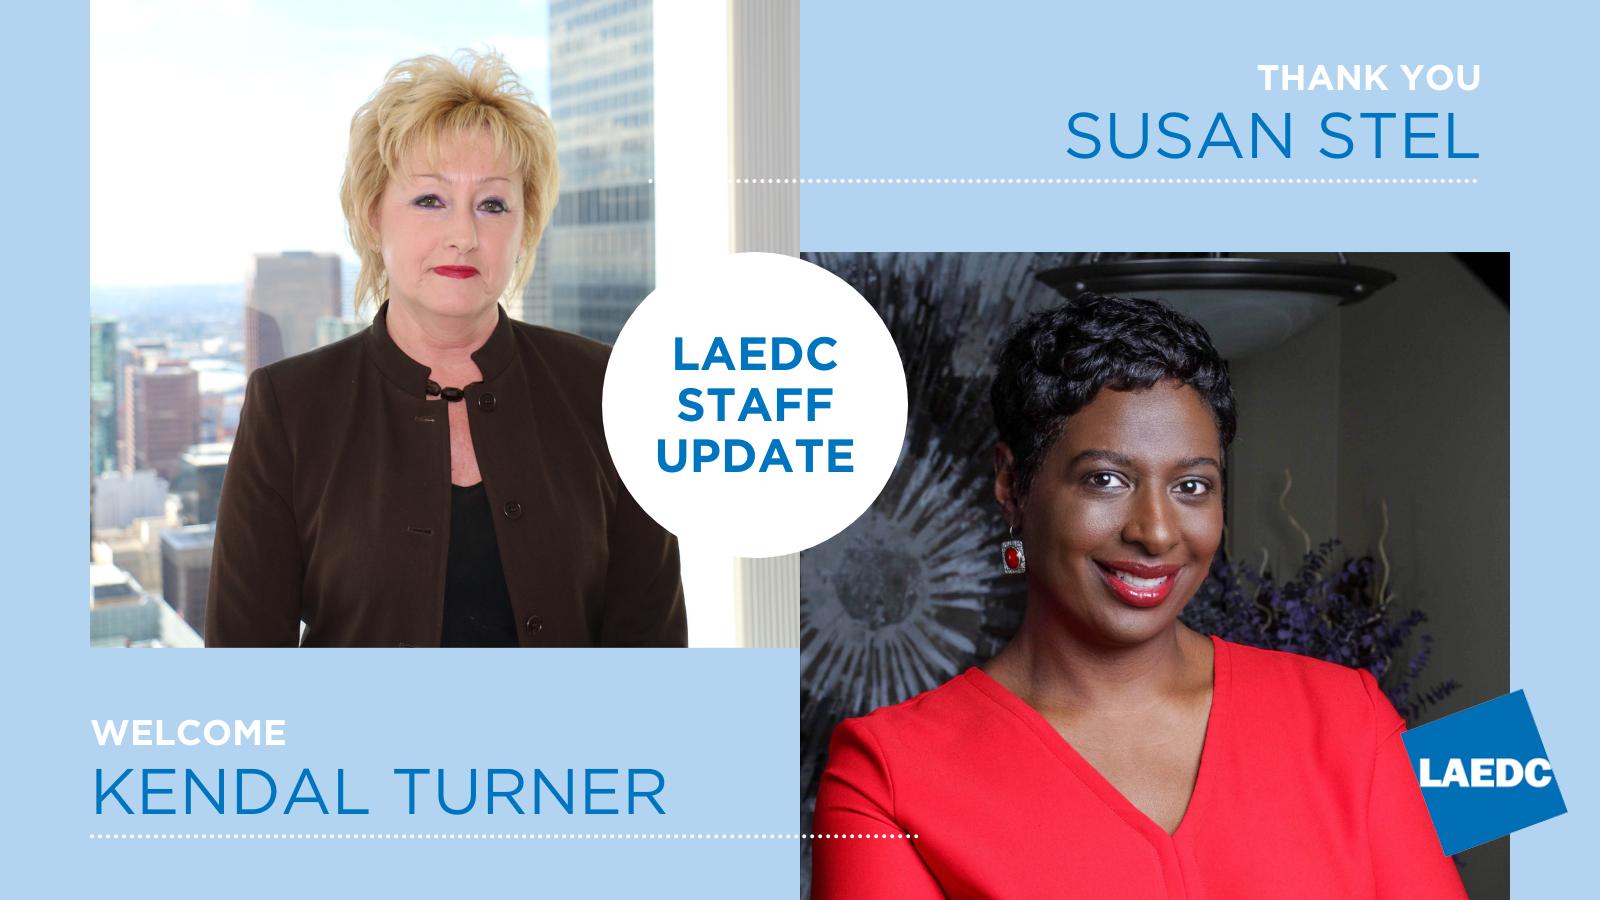 LAEDCAnnounces Retirement of CFO Susan Stel after 16 years